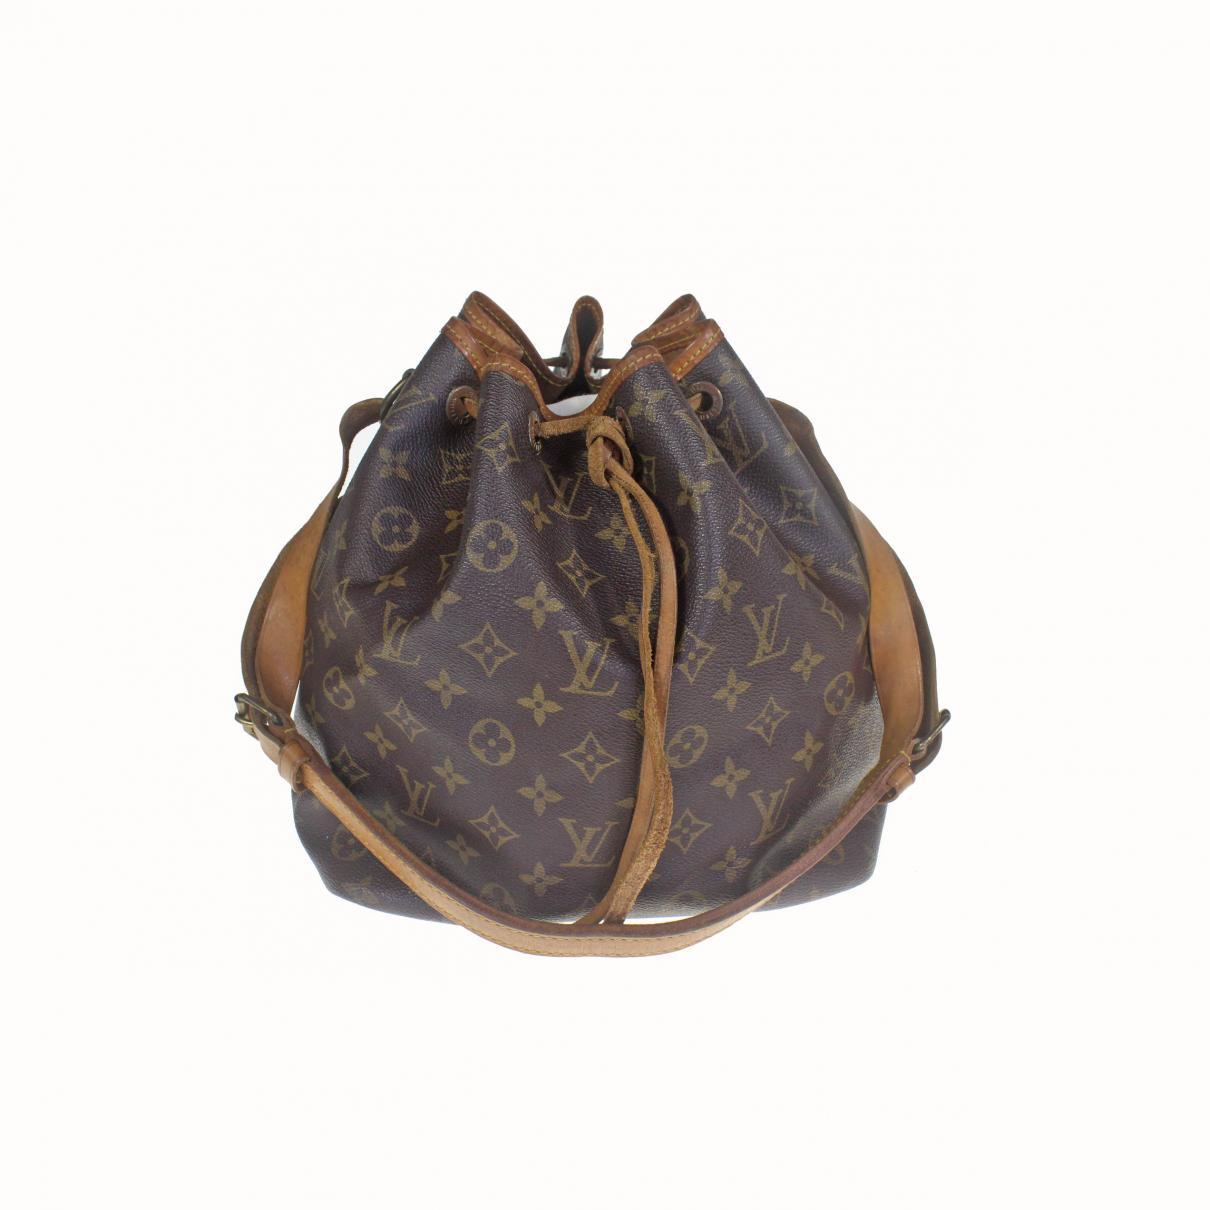 2f26204f9 Louis Vuitton. Women's Vintage Noé Brown Cloth Handbag. $407 From Vestiaire  Collective